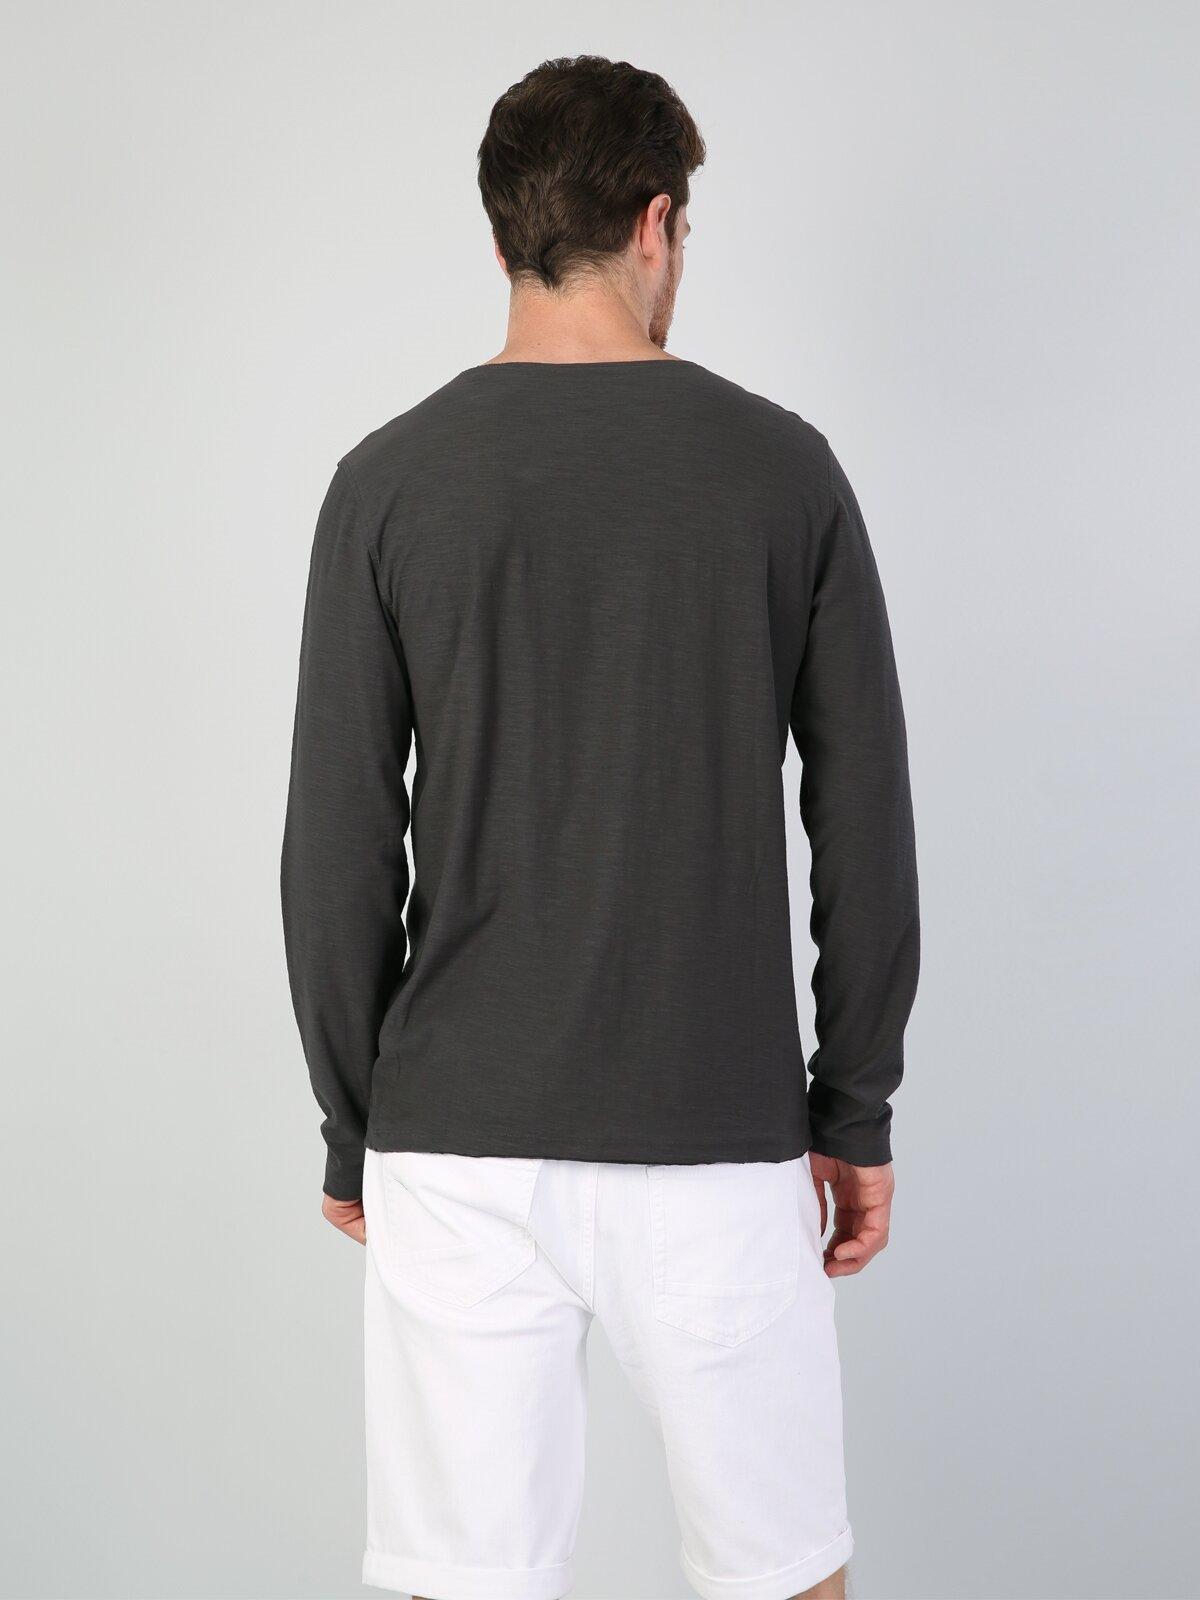 Antrasit Yuvarlak Yaka Uzun Kol Tişört